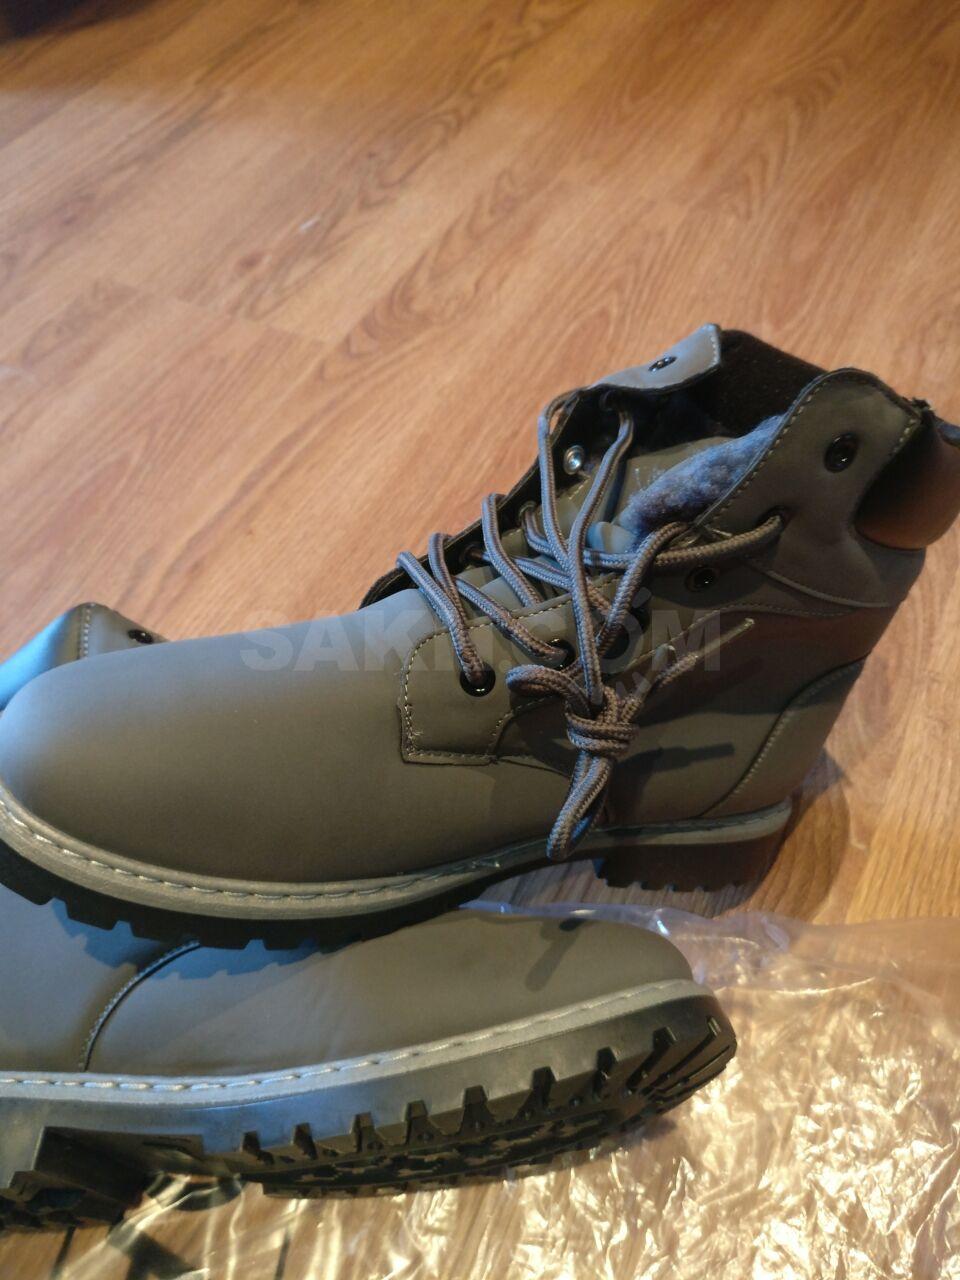 bddd8f10b Зимняя мужская обувь - 1000 руб. Одежда, обувь и аксессуары. Мужская ...